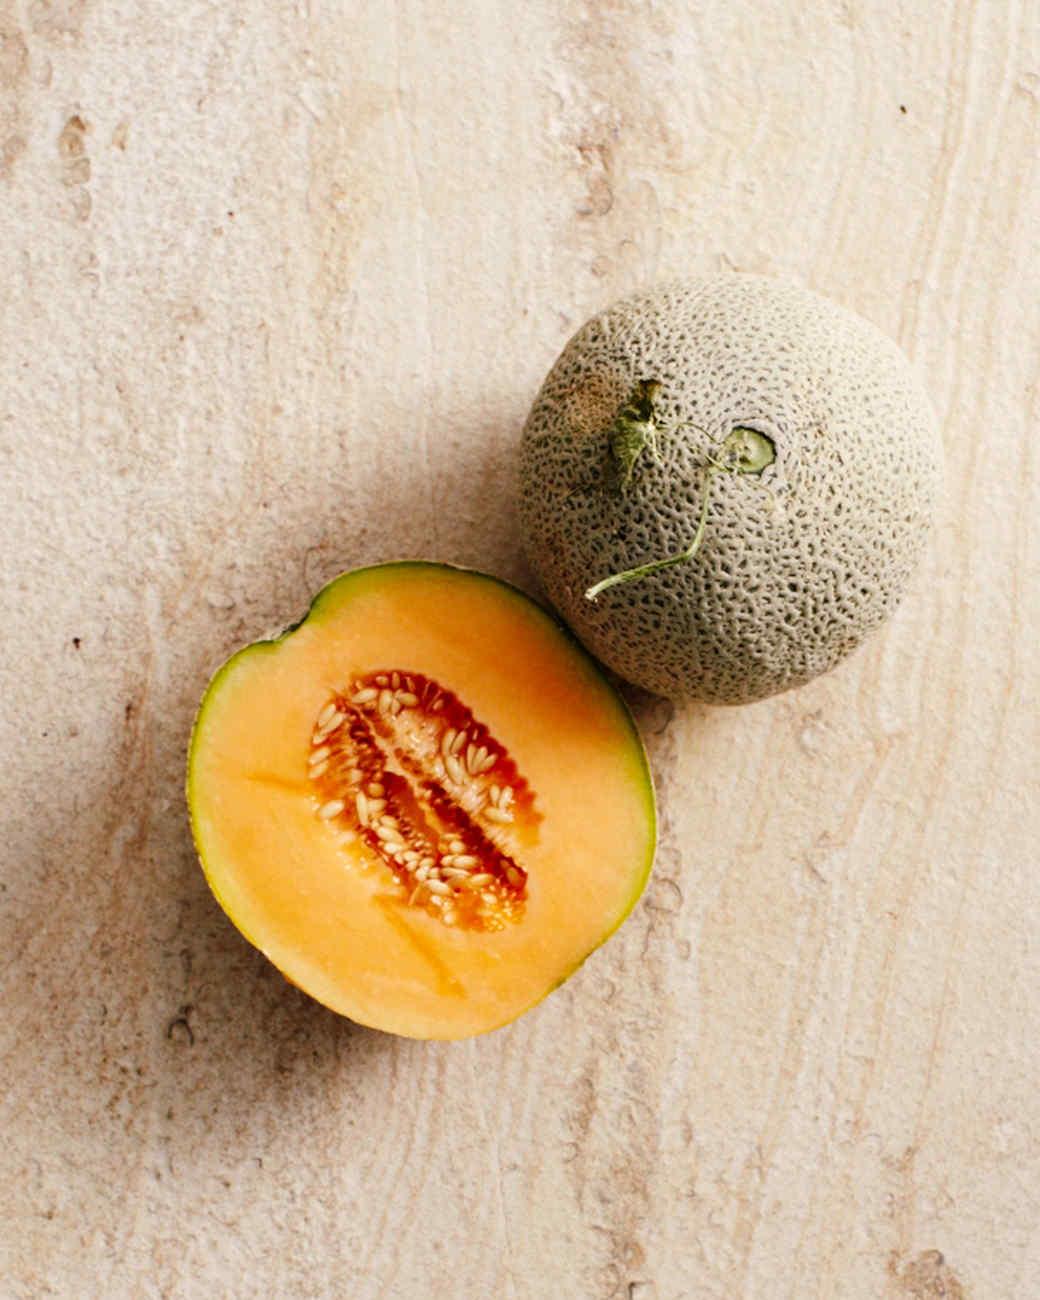 melon-ipad-cantaloupe-0169-ld110630-0614.jpg